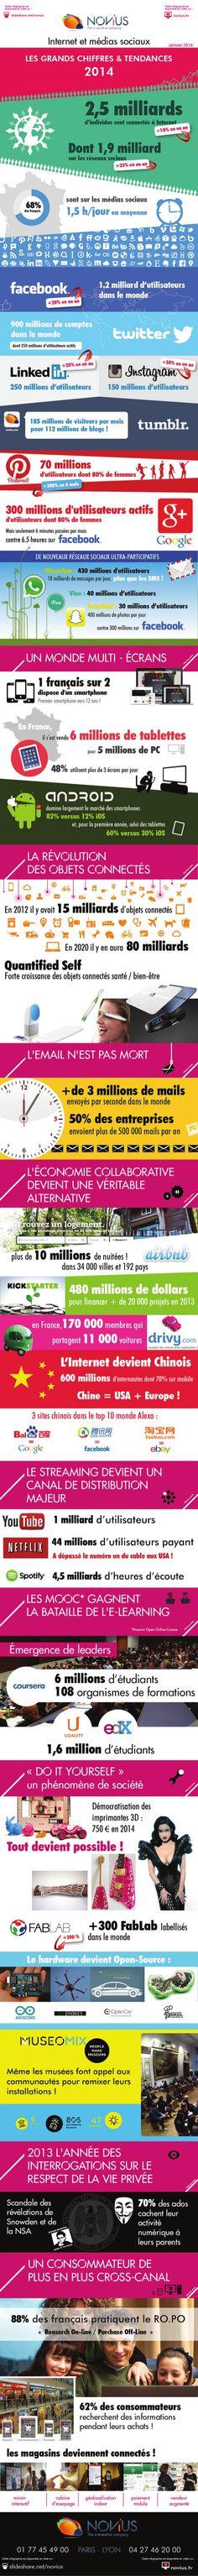 Internet et médias sociaux : les grands chiffres et tendances 2014 by Novius via slideshare